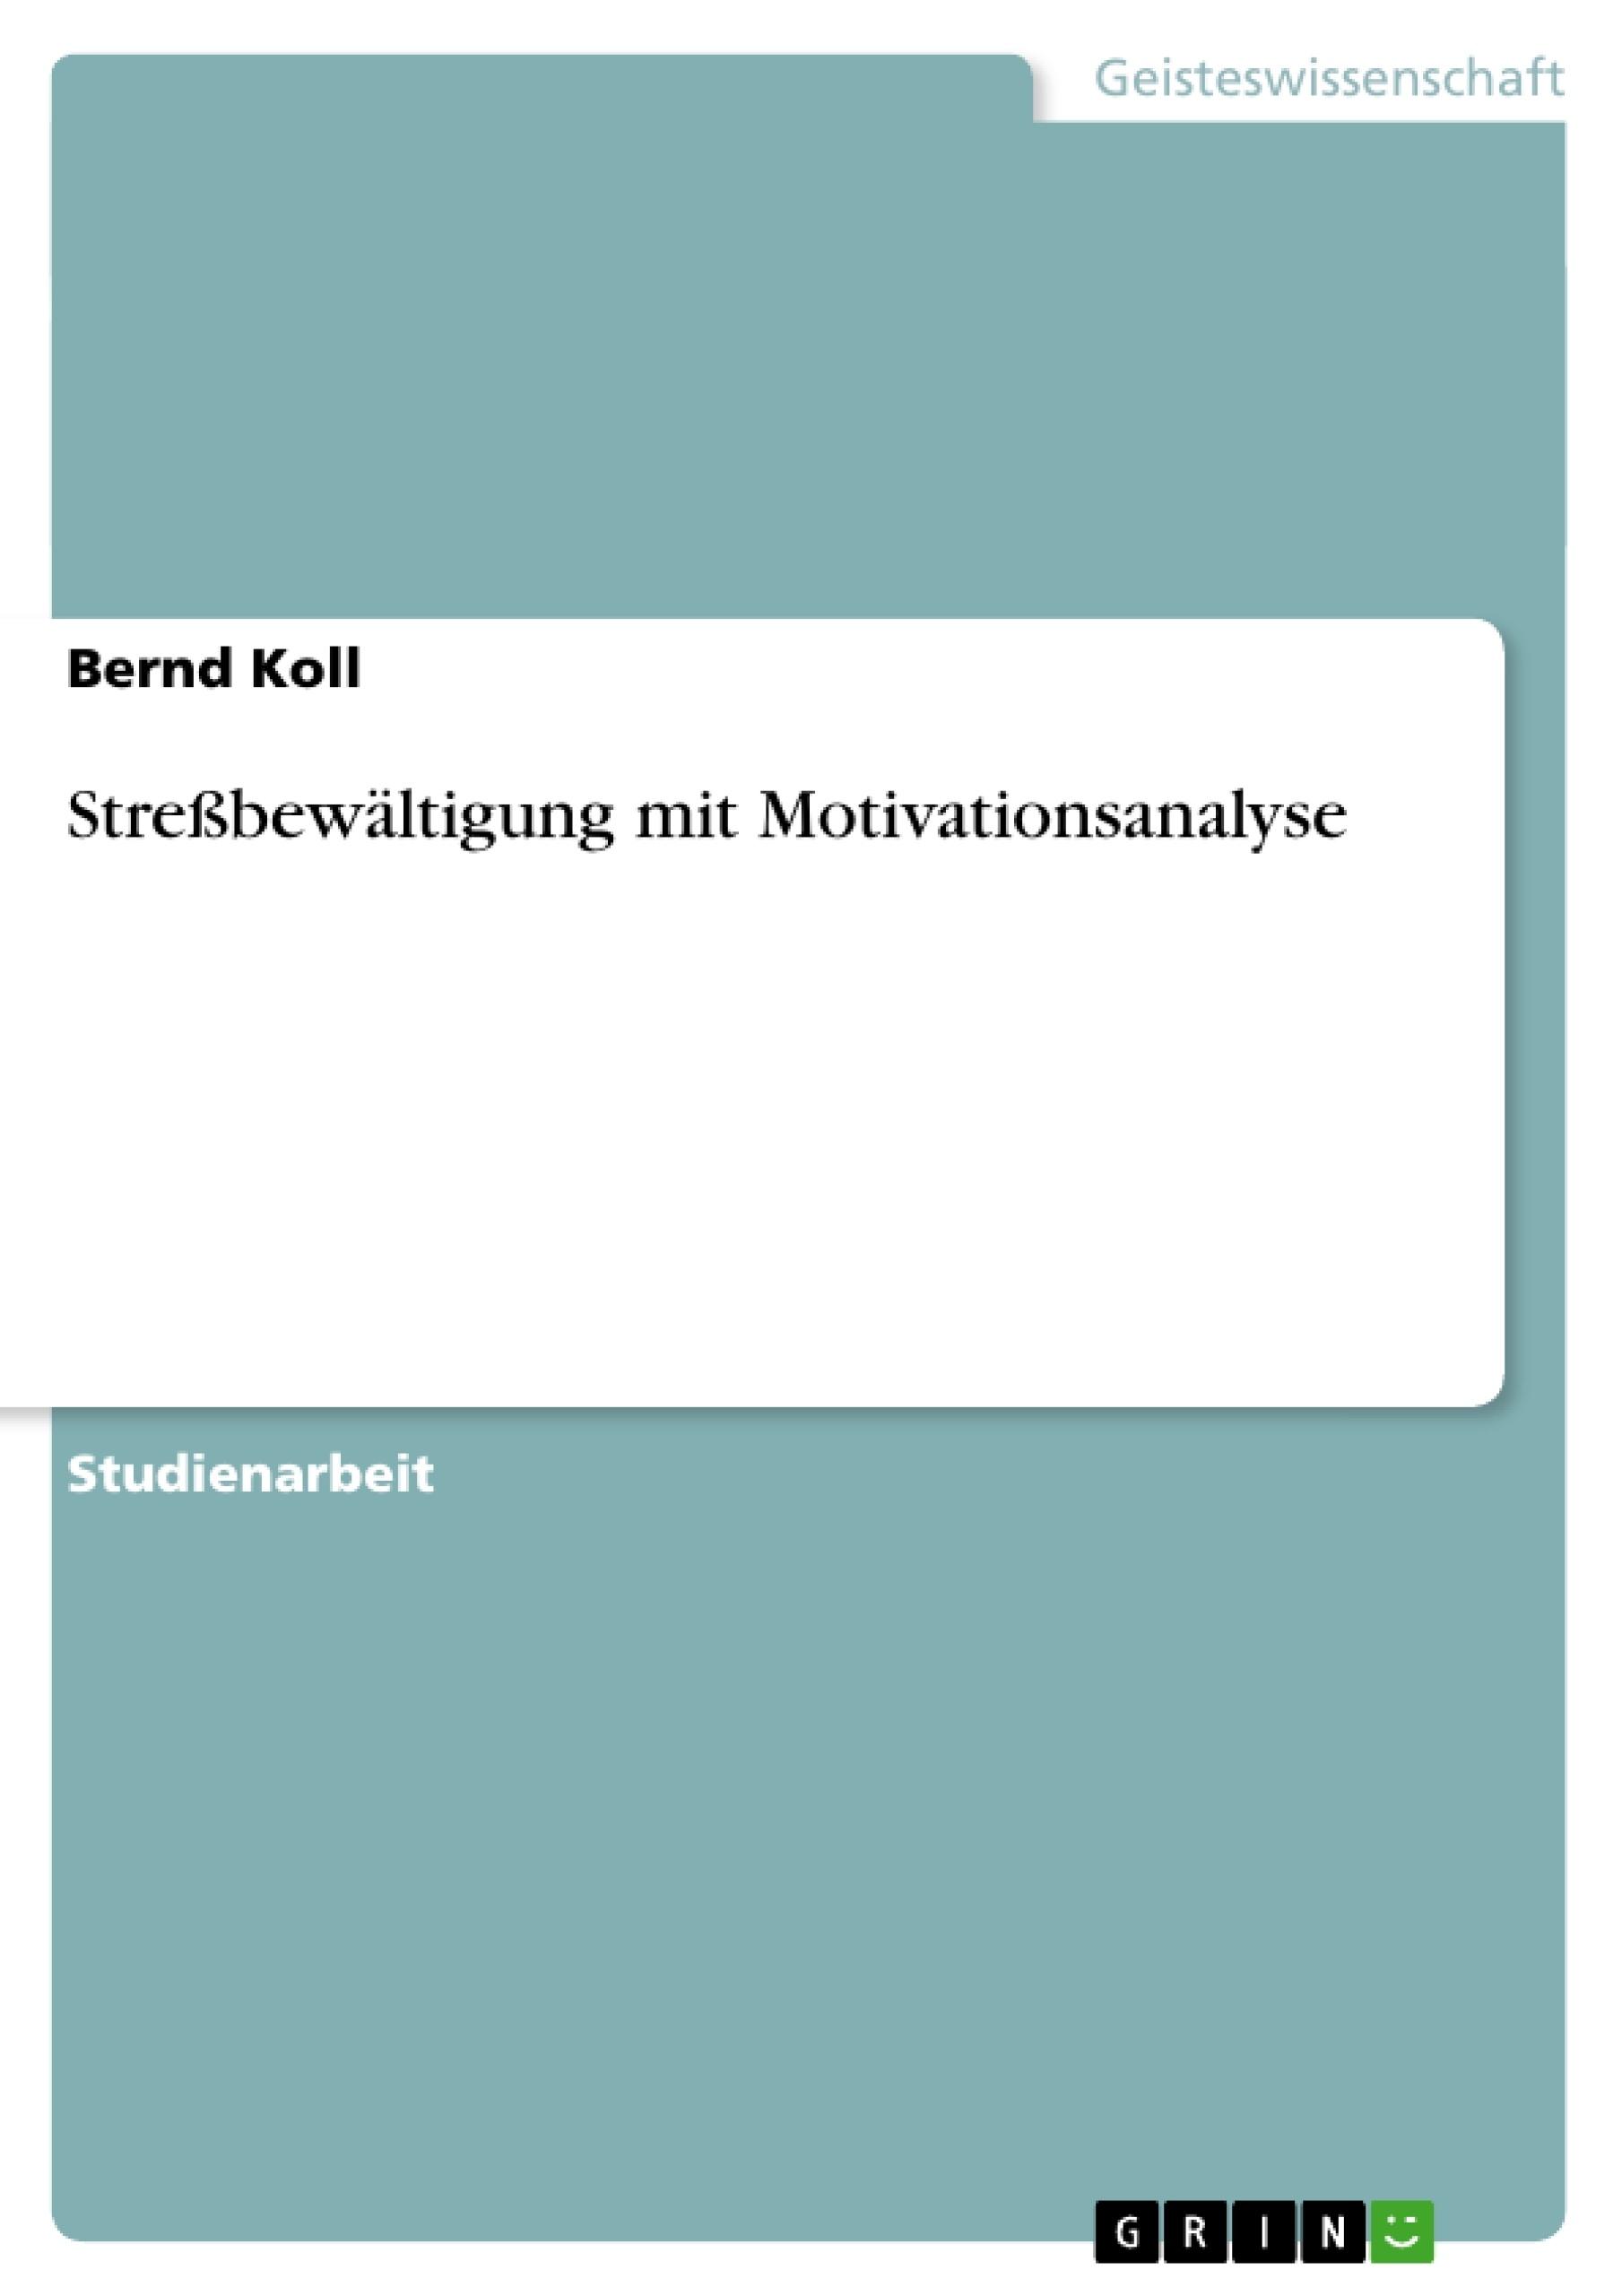 Titel: Streßbewältigung mit Motivationsanalyse